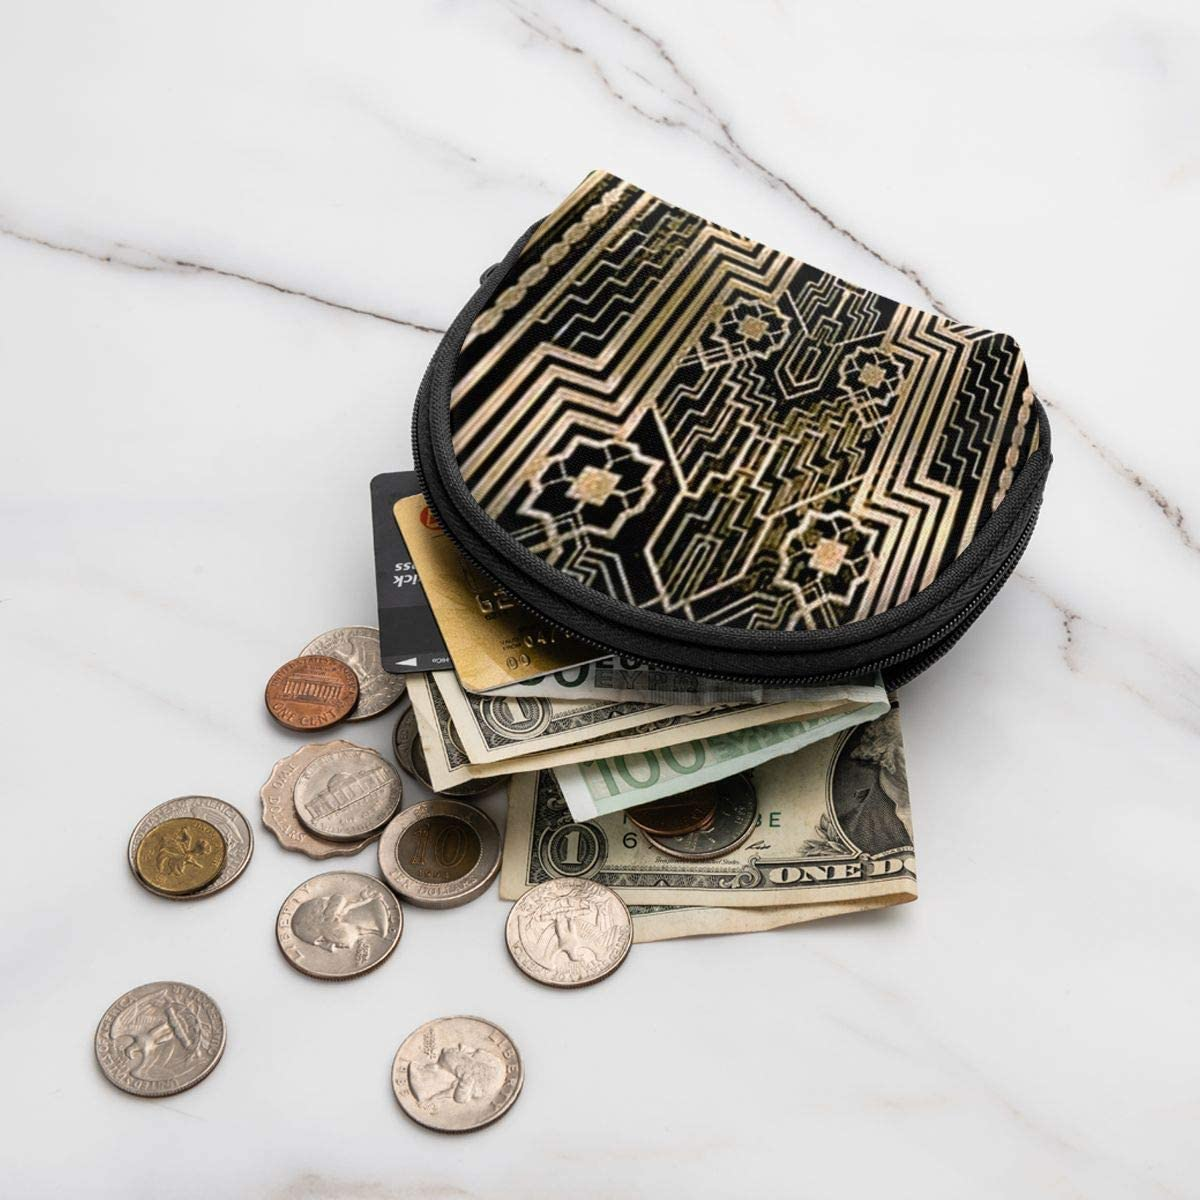 Sac /à cl/é 11,9 x 8,9 cm Mini porte-monnaie en tissu Oxford avec fermeture /éclair pour cartes de cr/édit et porte-monnaie